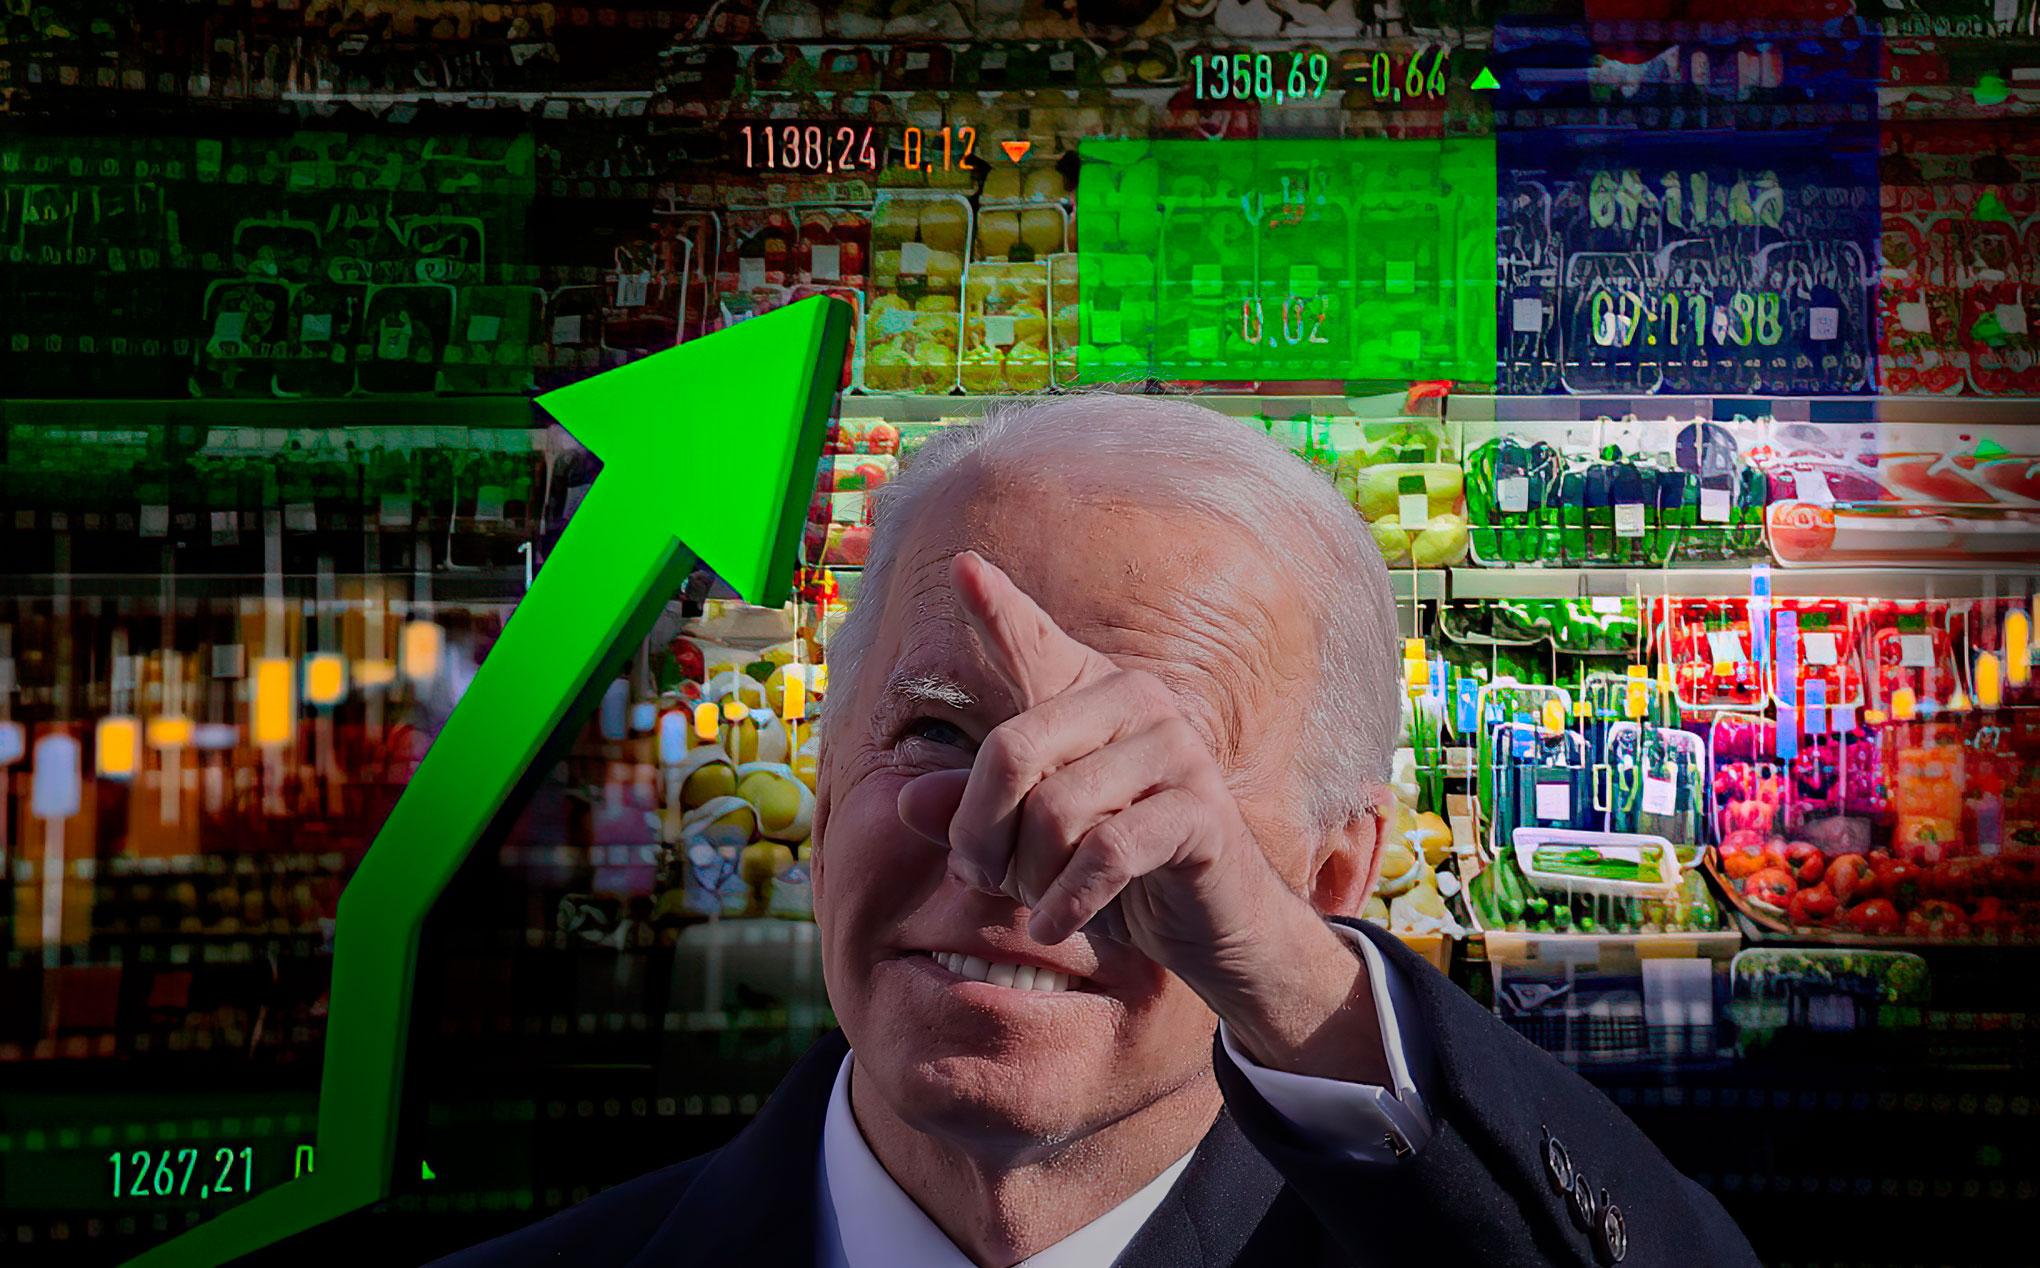 La política socialista de Biden está enfrentada con el sentido común